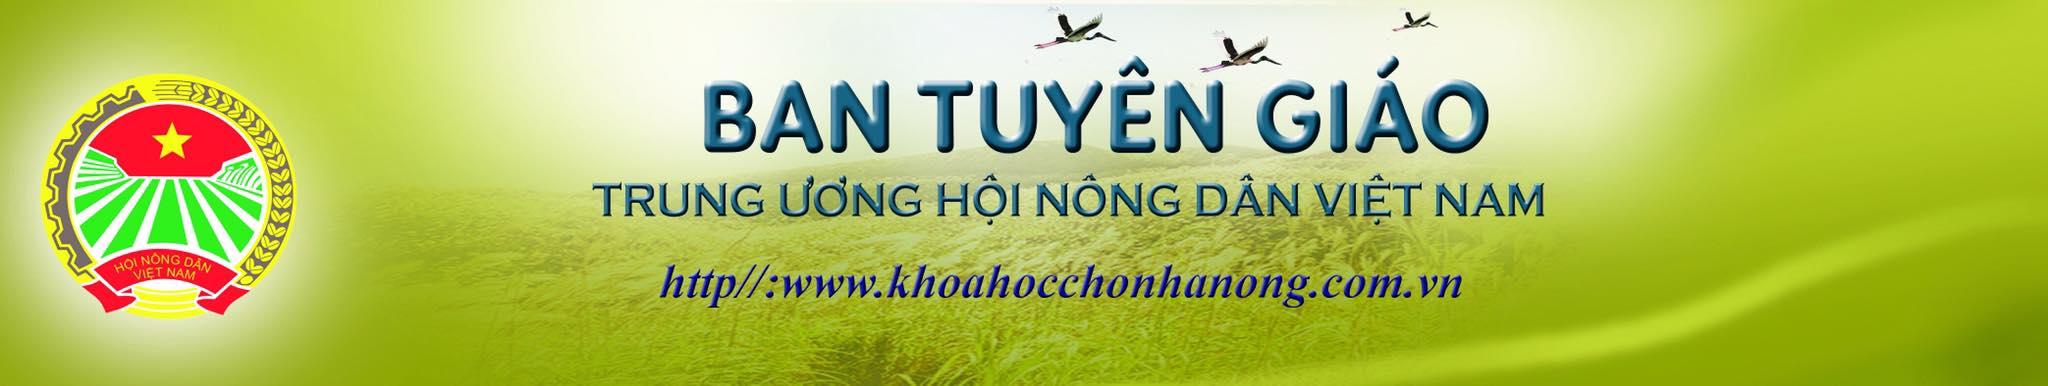 Kom Tum: Nuôi bò thịt theo hình thức bán công nghiệp bảo vệ môi trường, tạo sinh kế bền vững